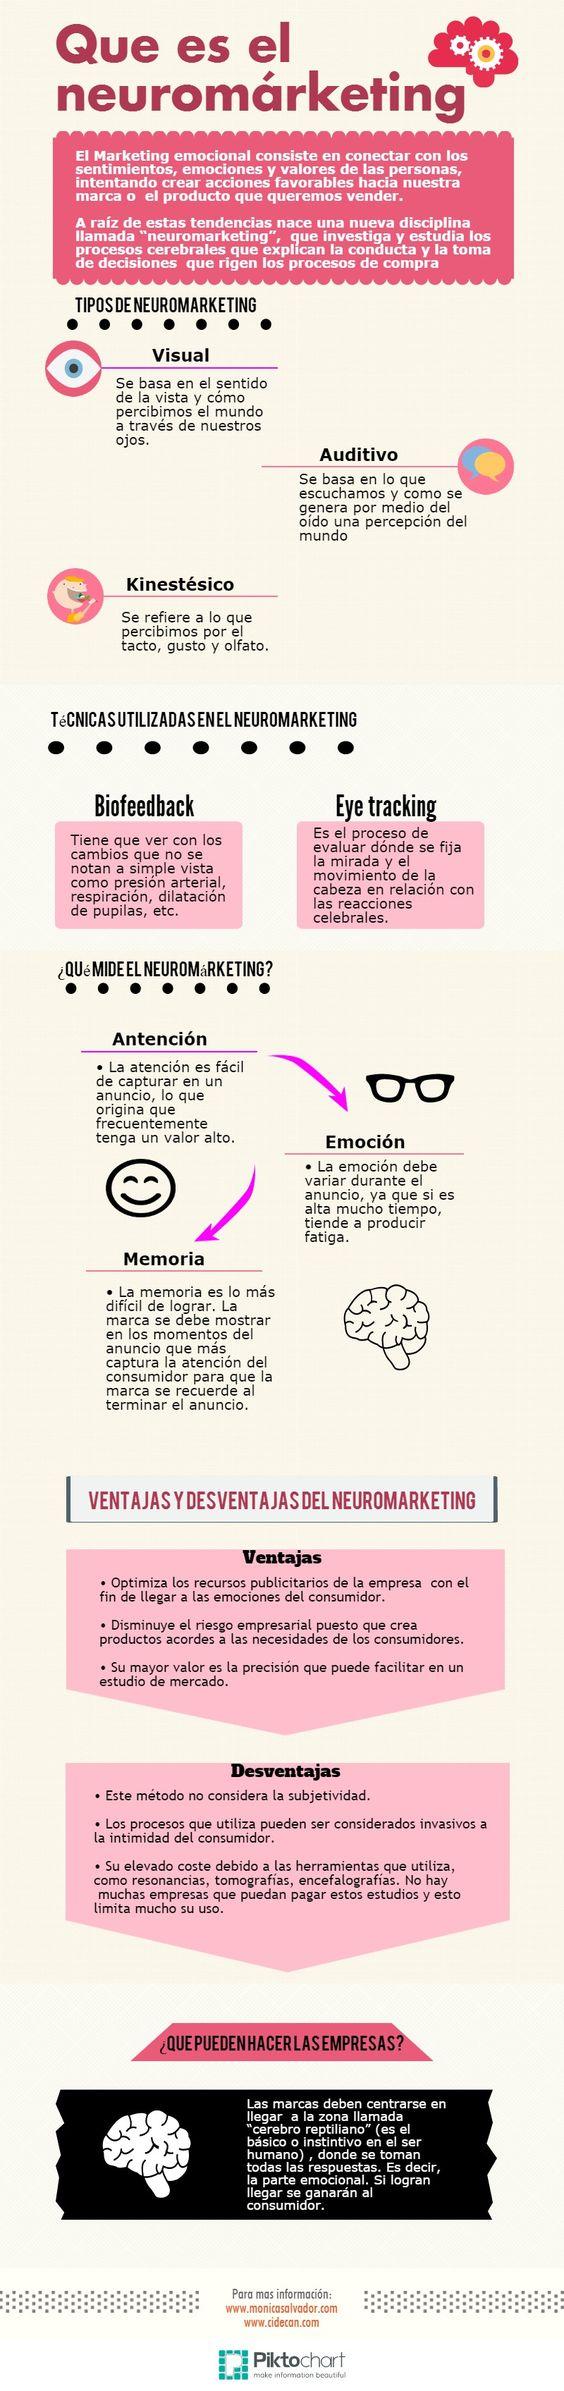 Sobre el #NeuroMarketing, una disciplina del #Marketing de lo mas controvertida pero que está demostrando ser muy eficaz. Buena #infografía.: